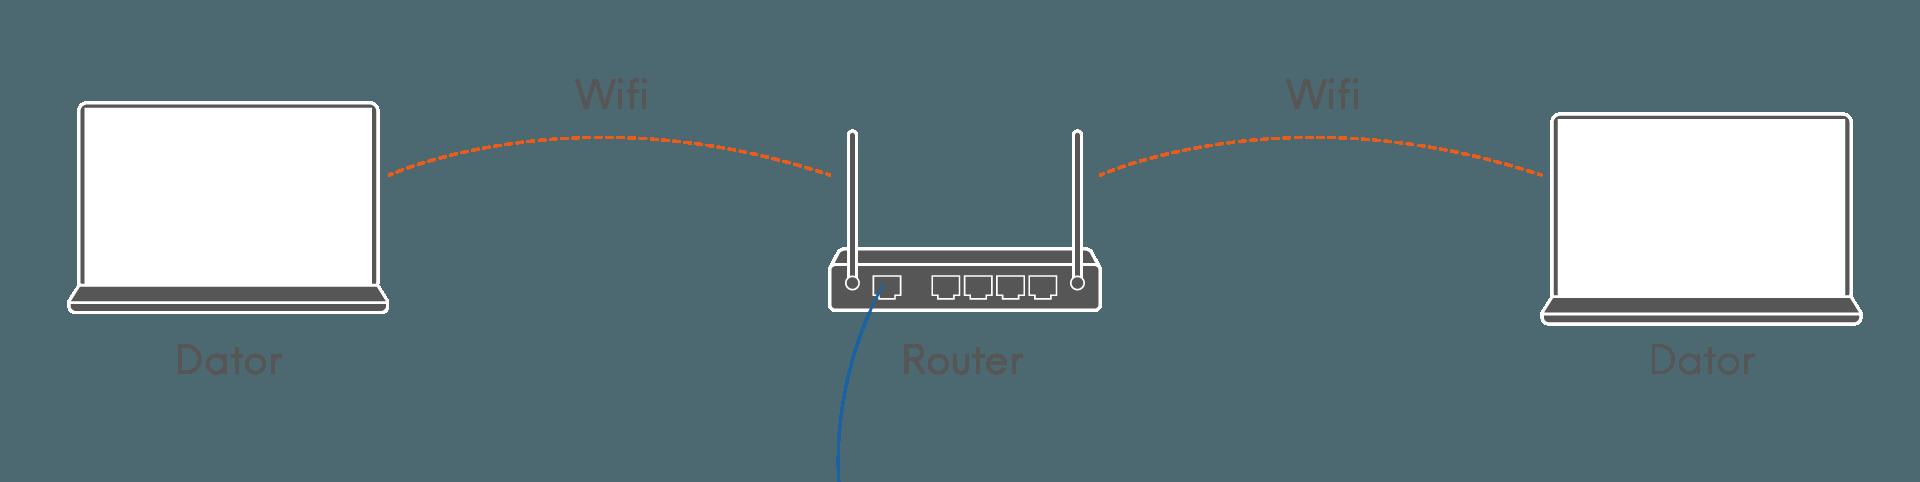 bättre täckning wifi